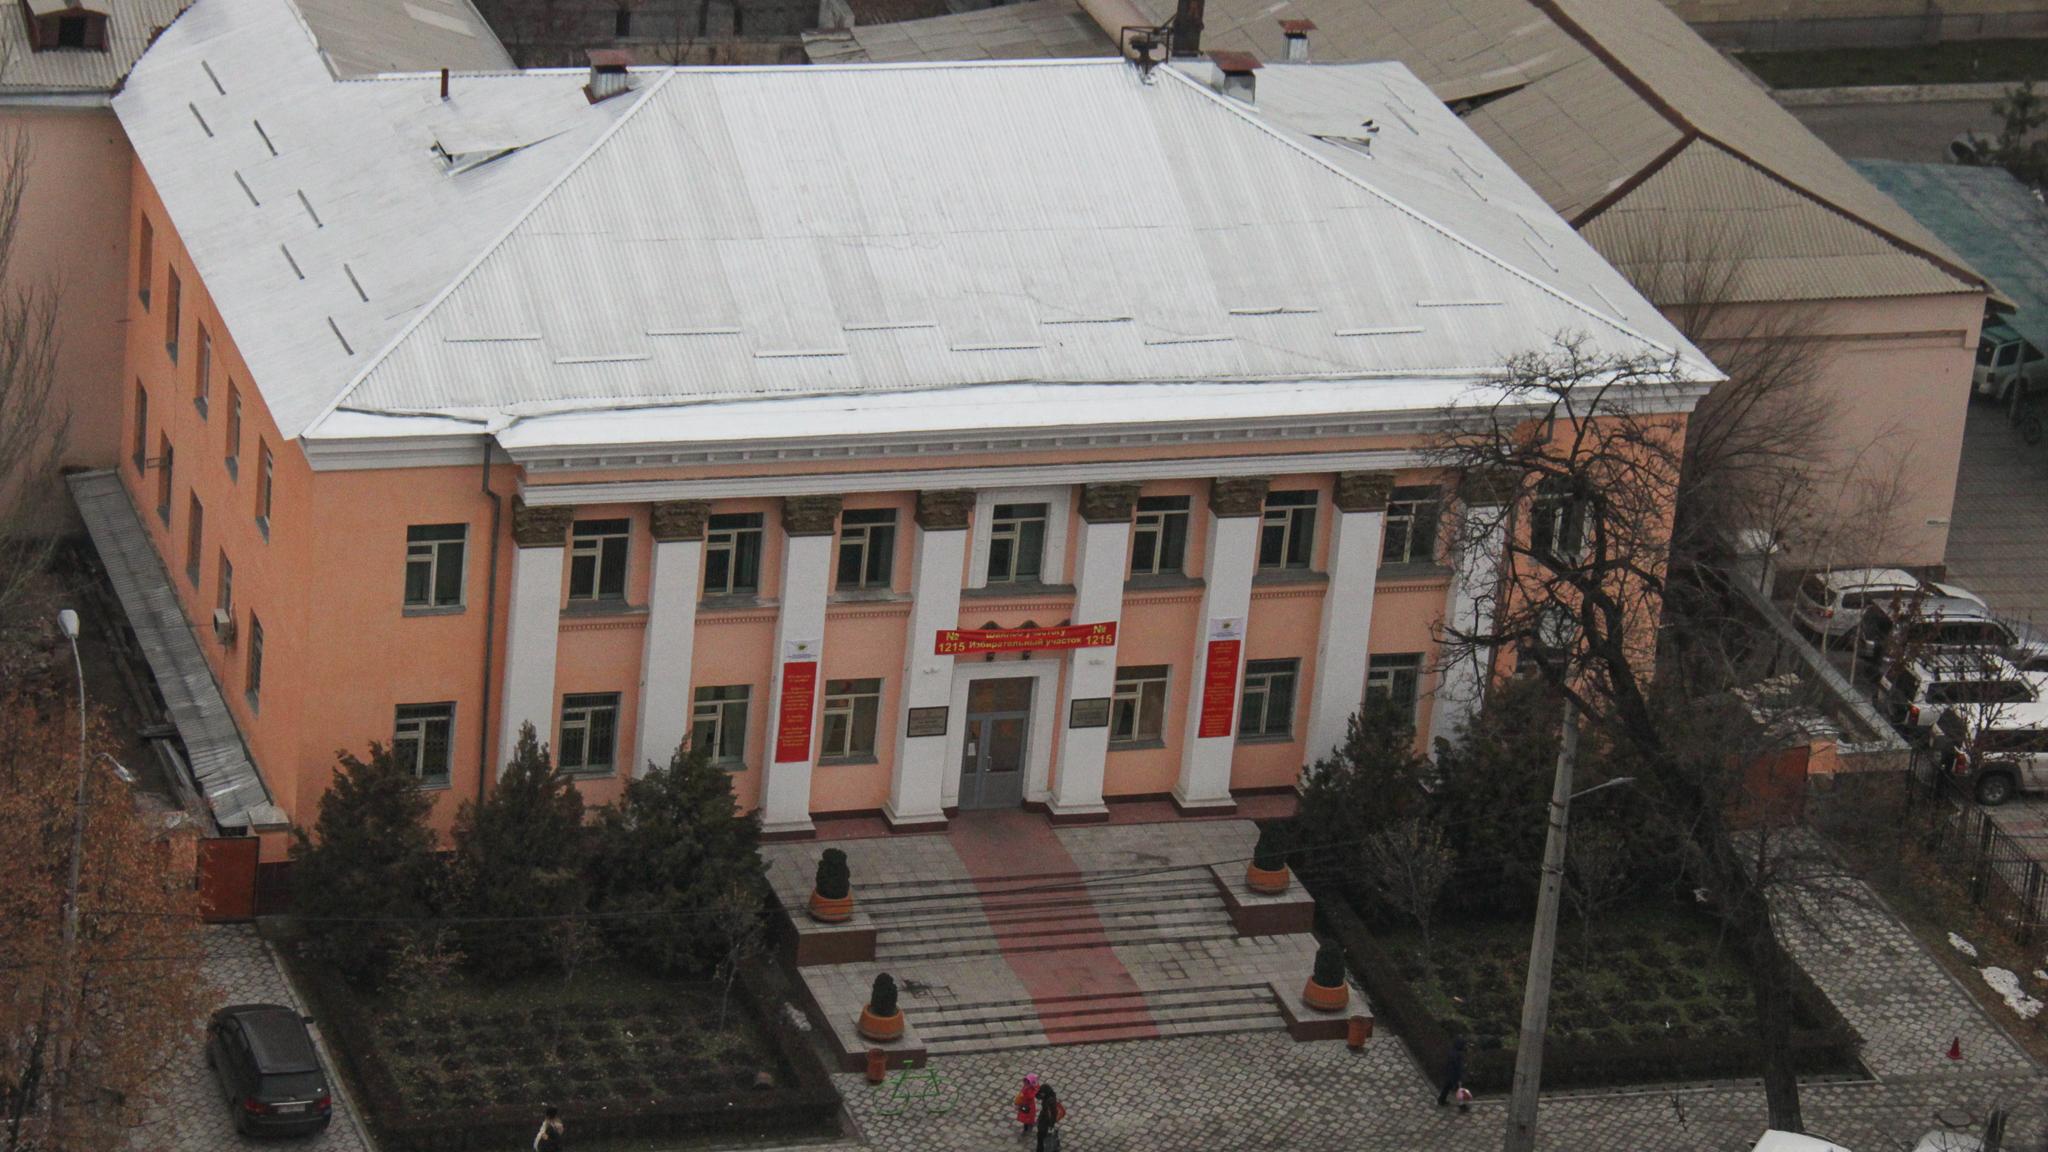 Музыкальная школа имени Шубина похож на картонный макет юного архитектора.